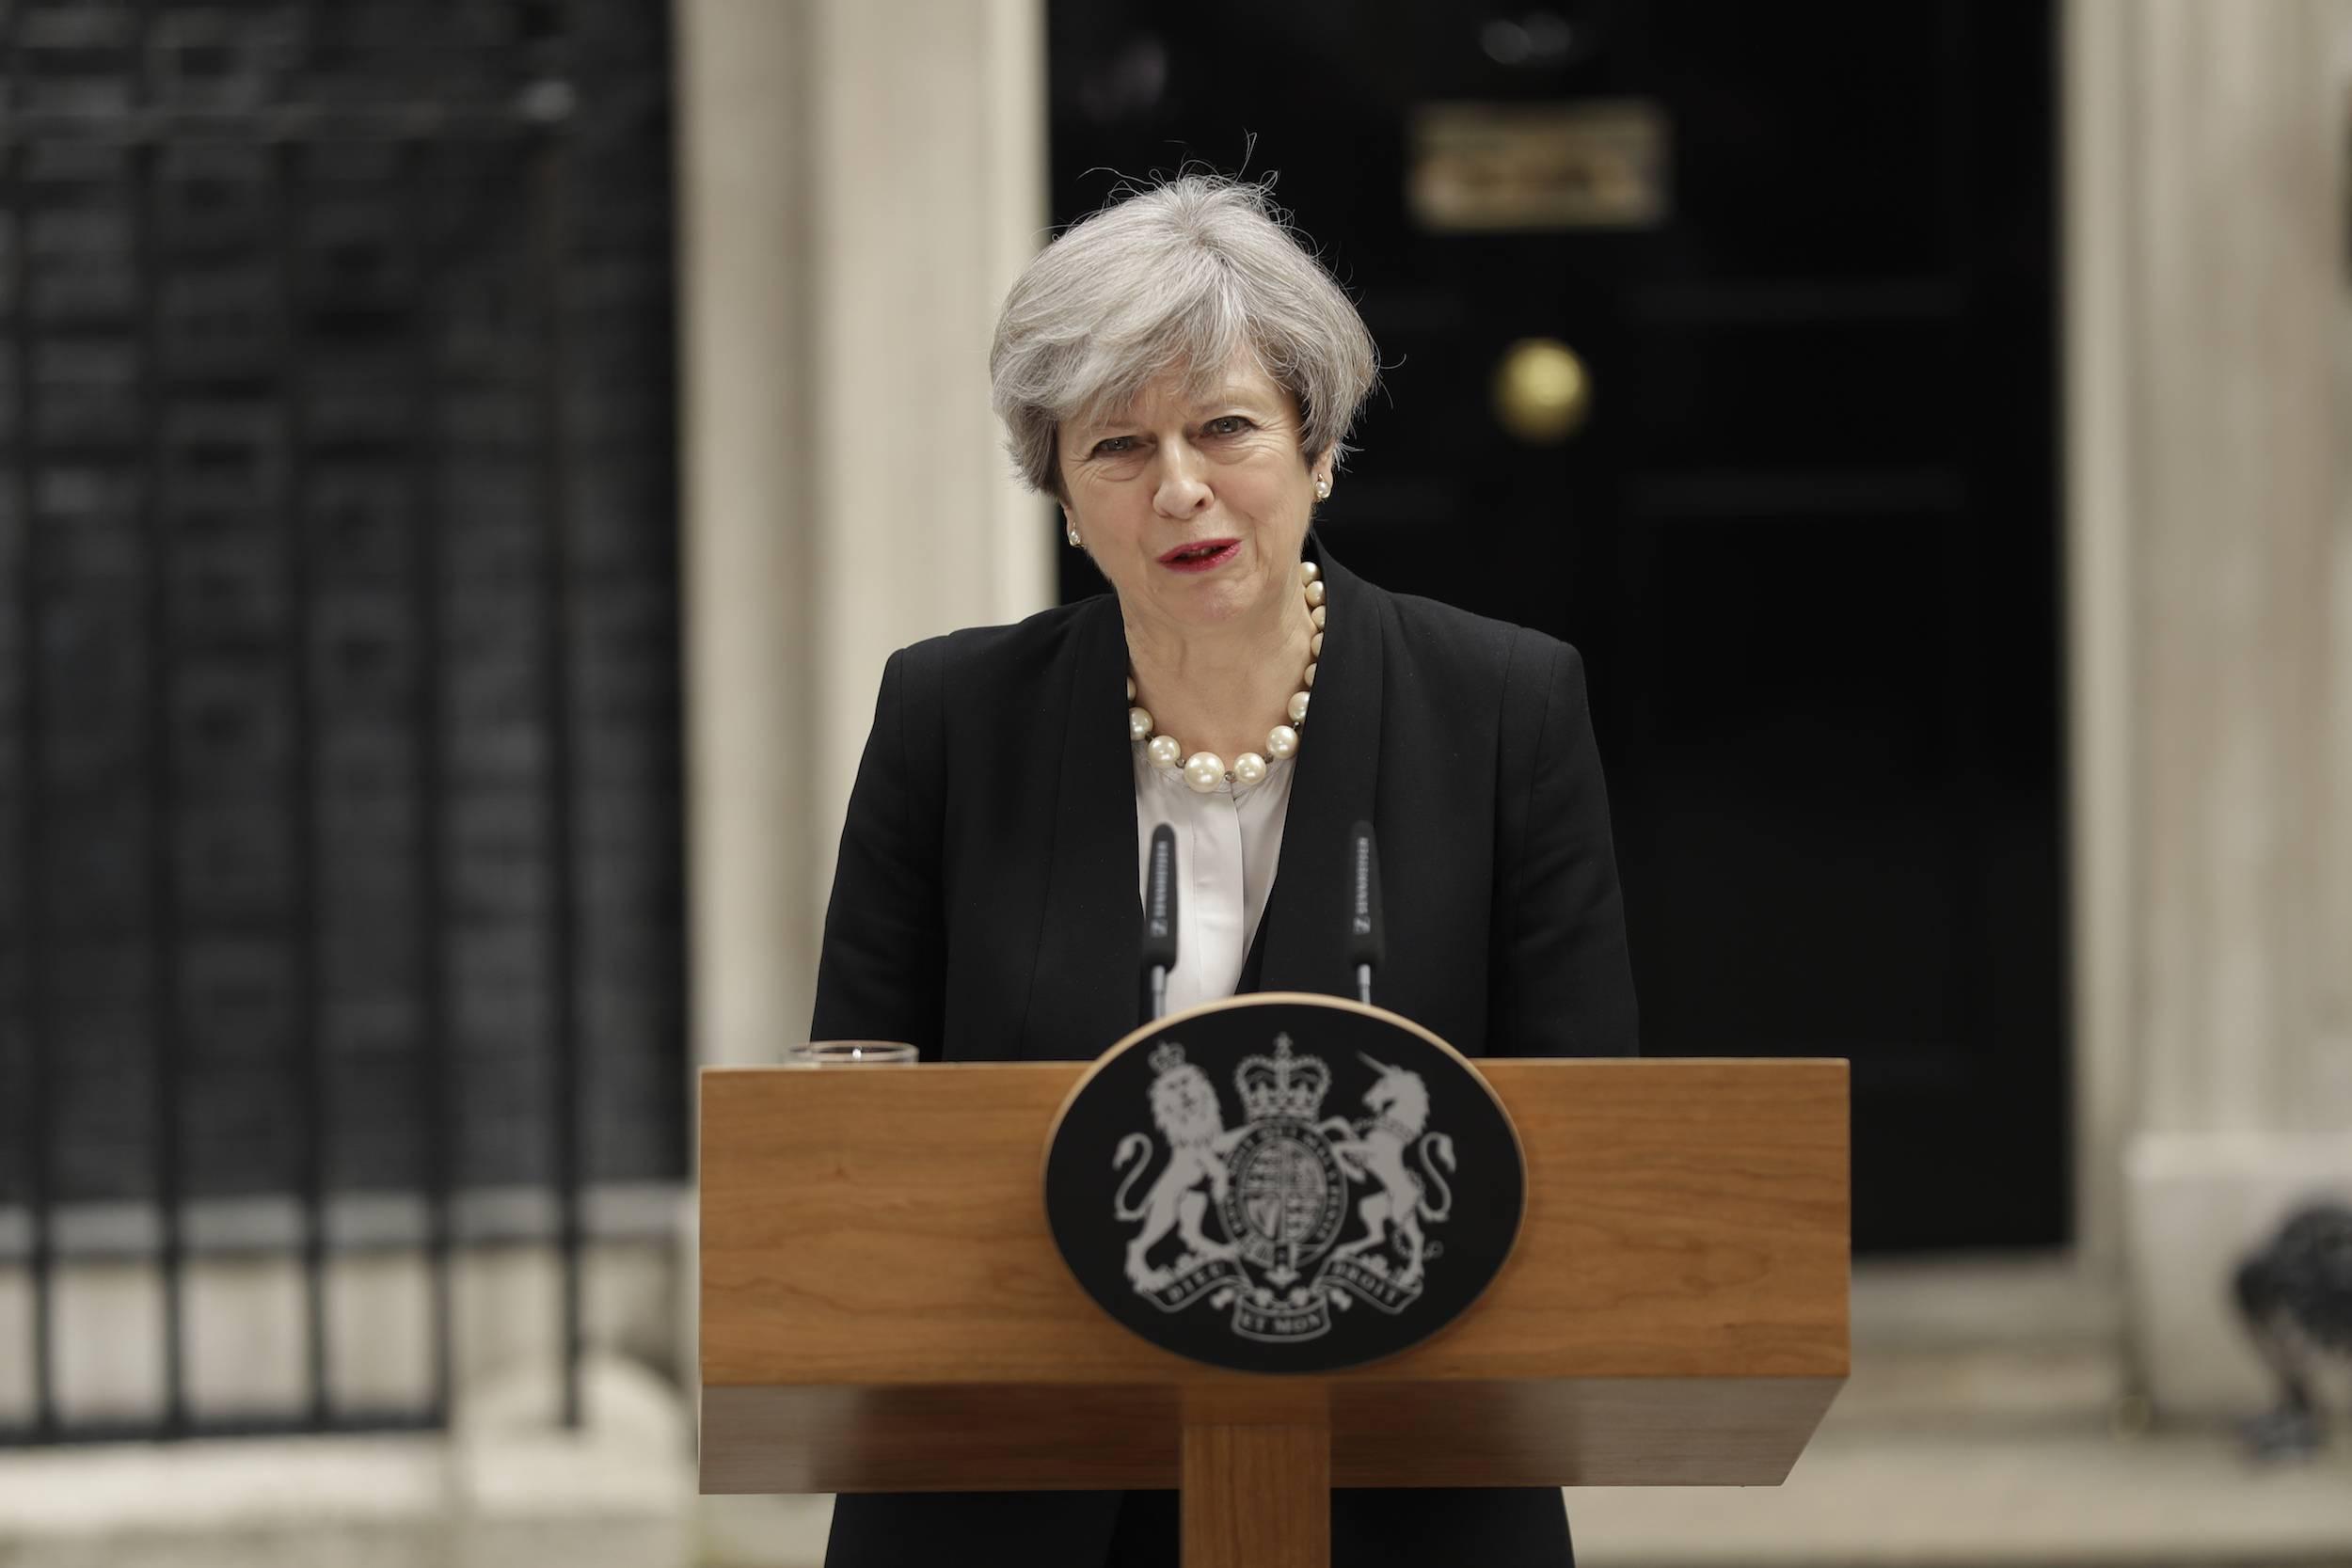 Reino Unido: Esposa y dos hijas de Guardiola escaparon ilesas de atentado